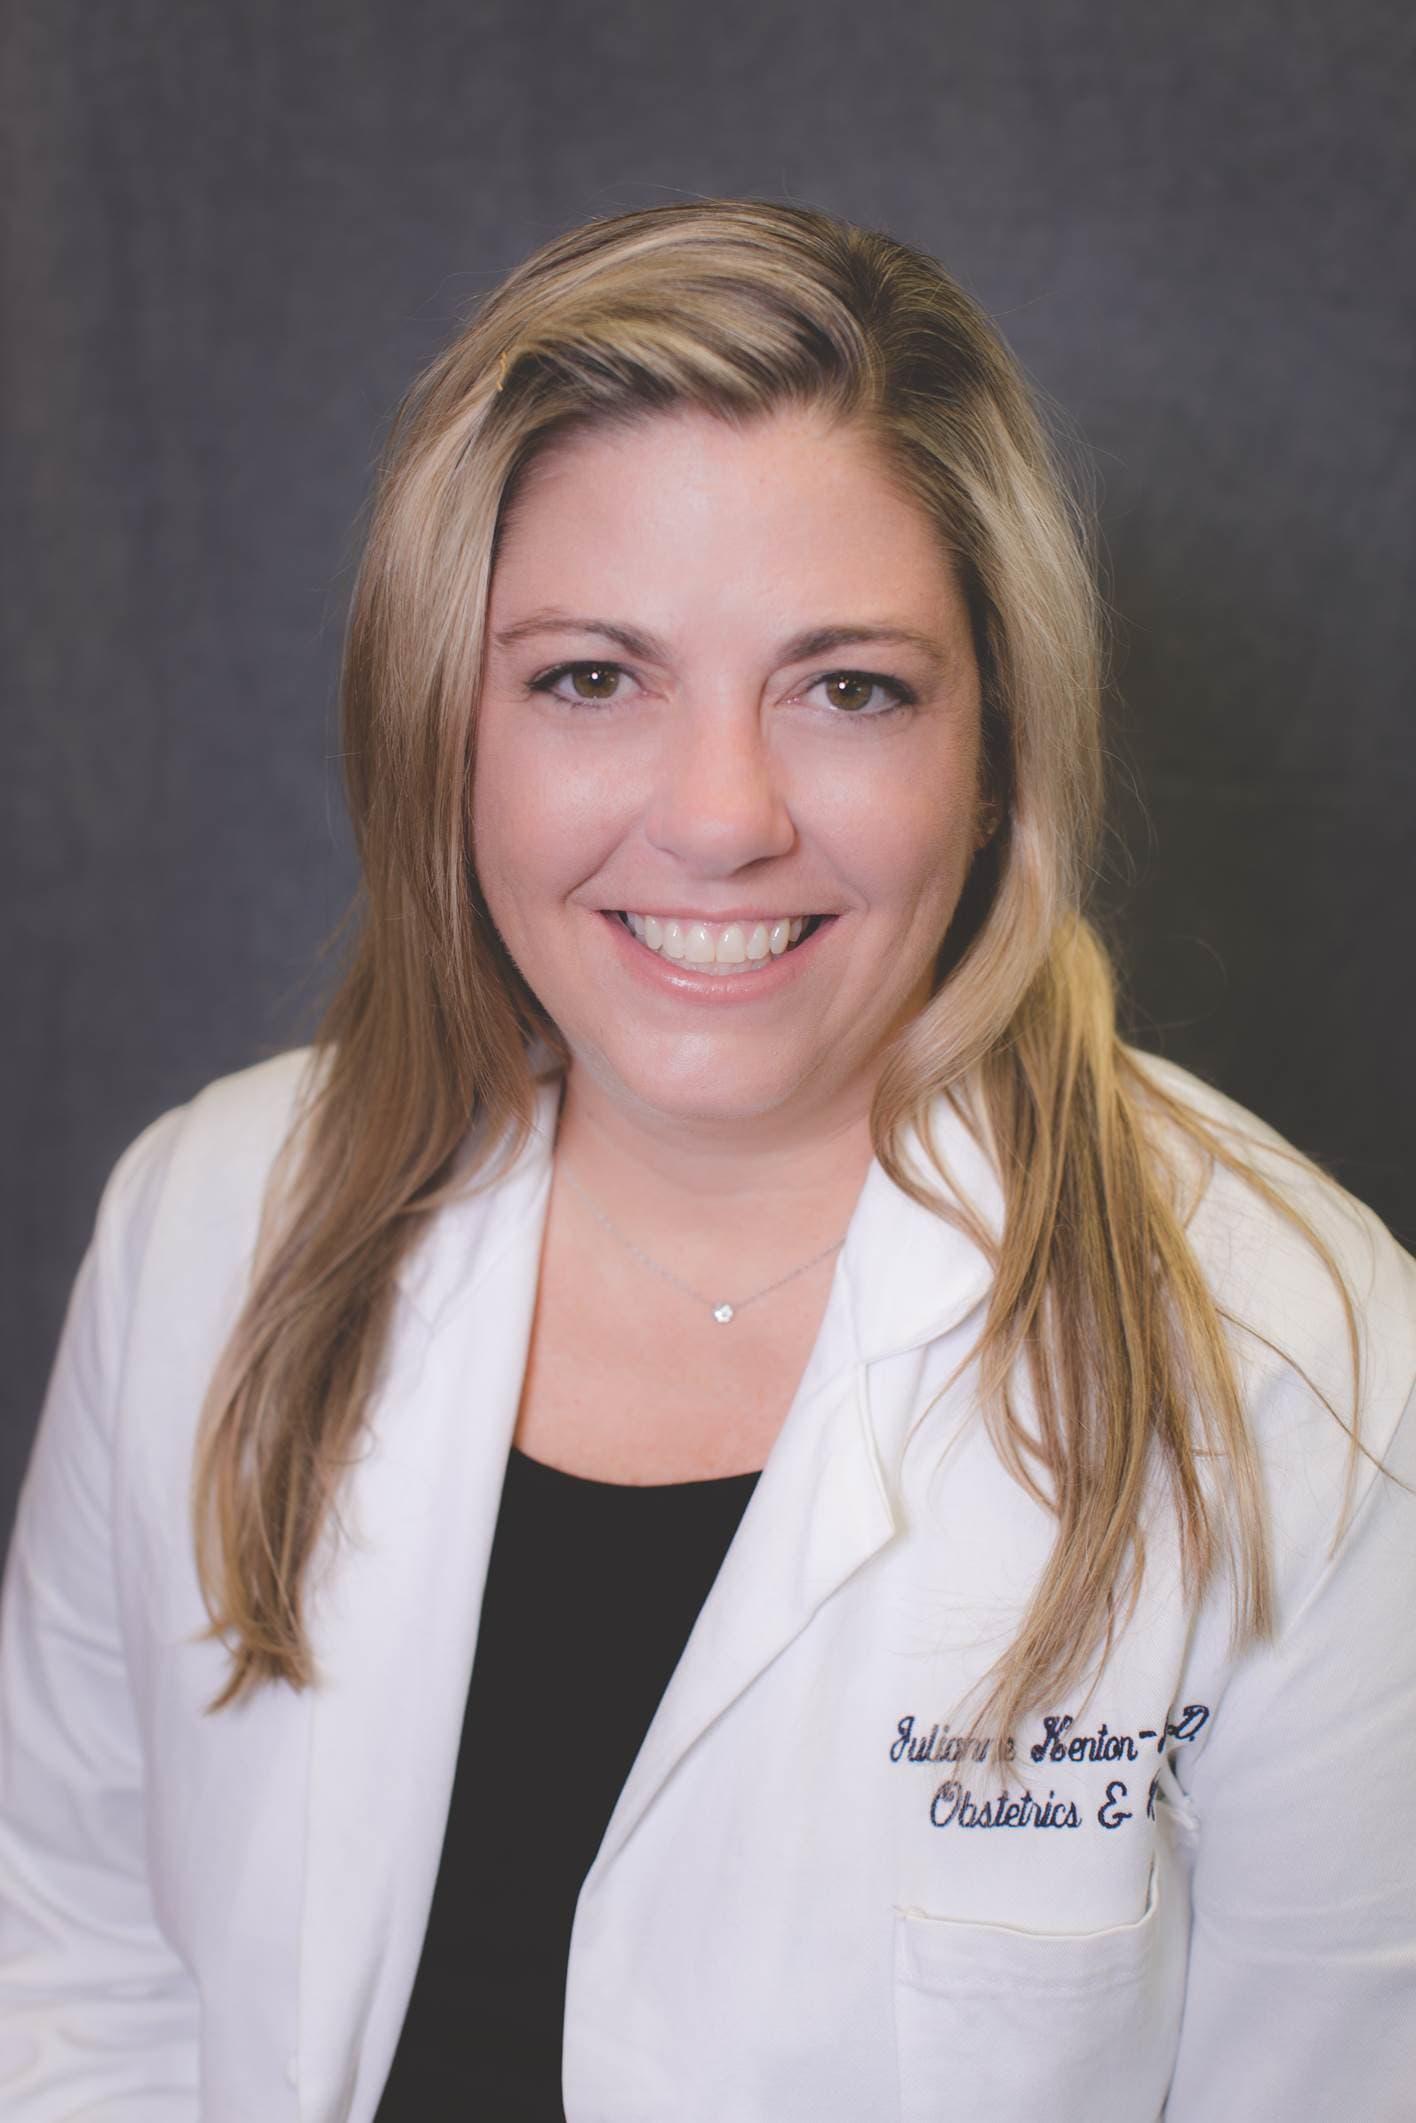 Dr. Julianne E Kenton-Haney MD